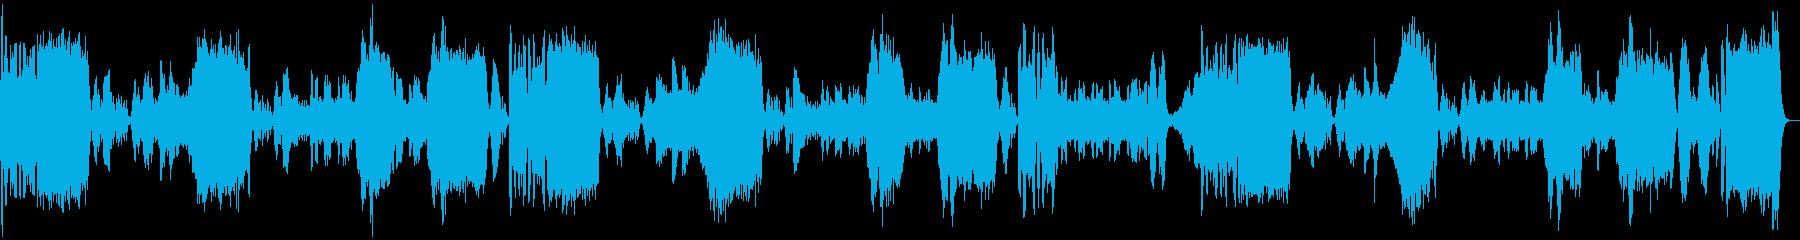 アイネ・クライネ・ナハトムジークの再生済みの波形